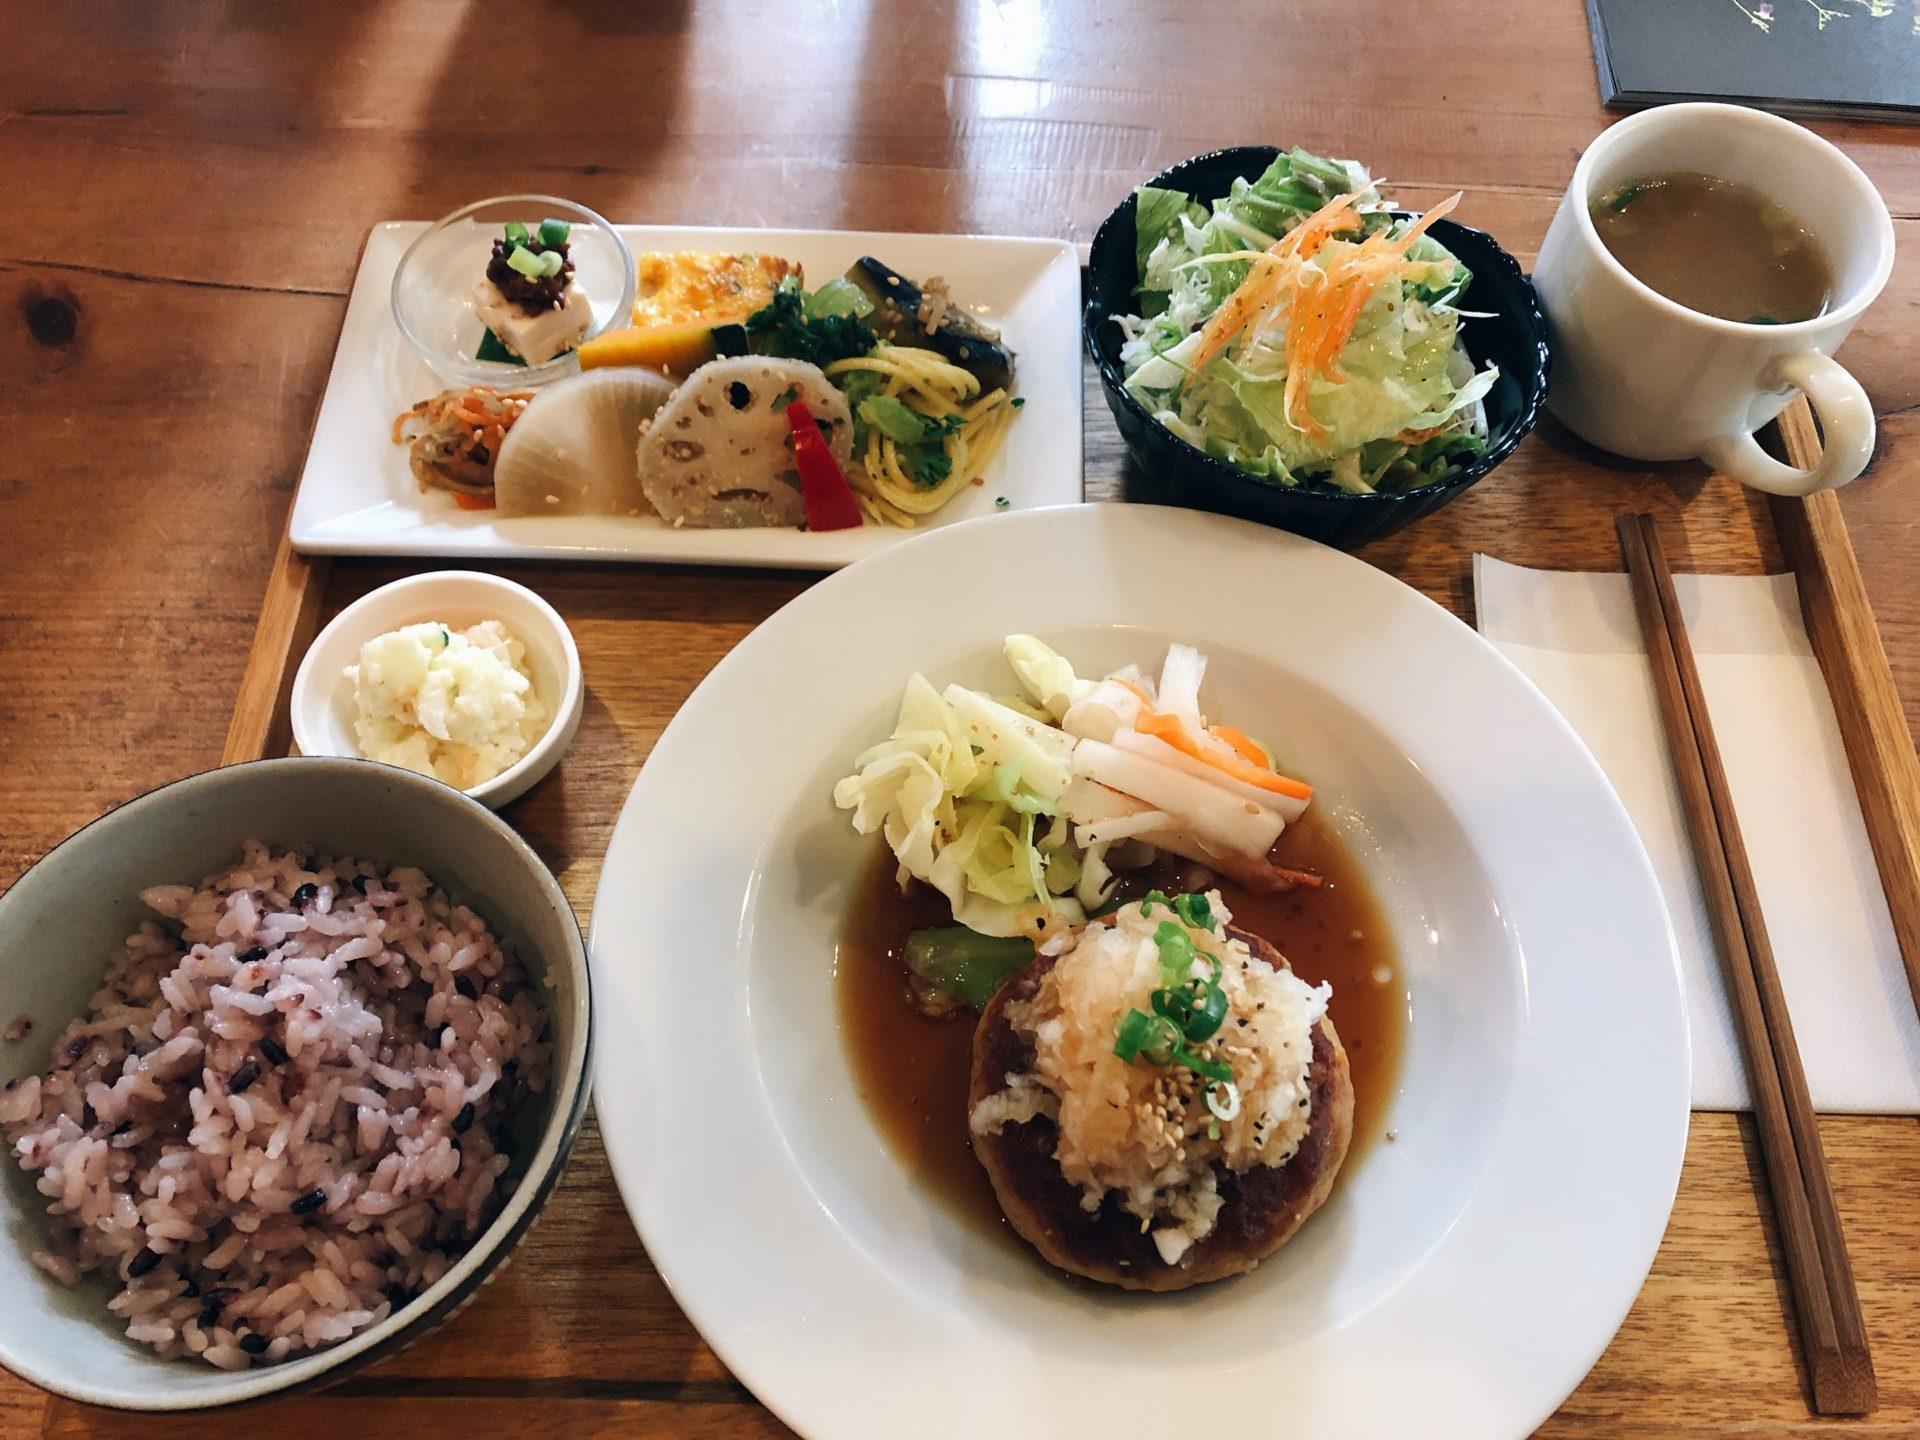 中区役所の東隣  和カフェの 畠瀬本店 食品部のランチは品数多くハンバーグが大人気!来店時は絶対に予約をおススメ!